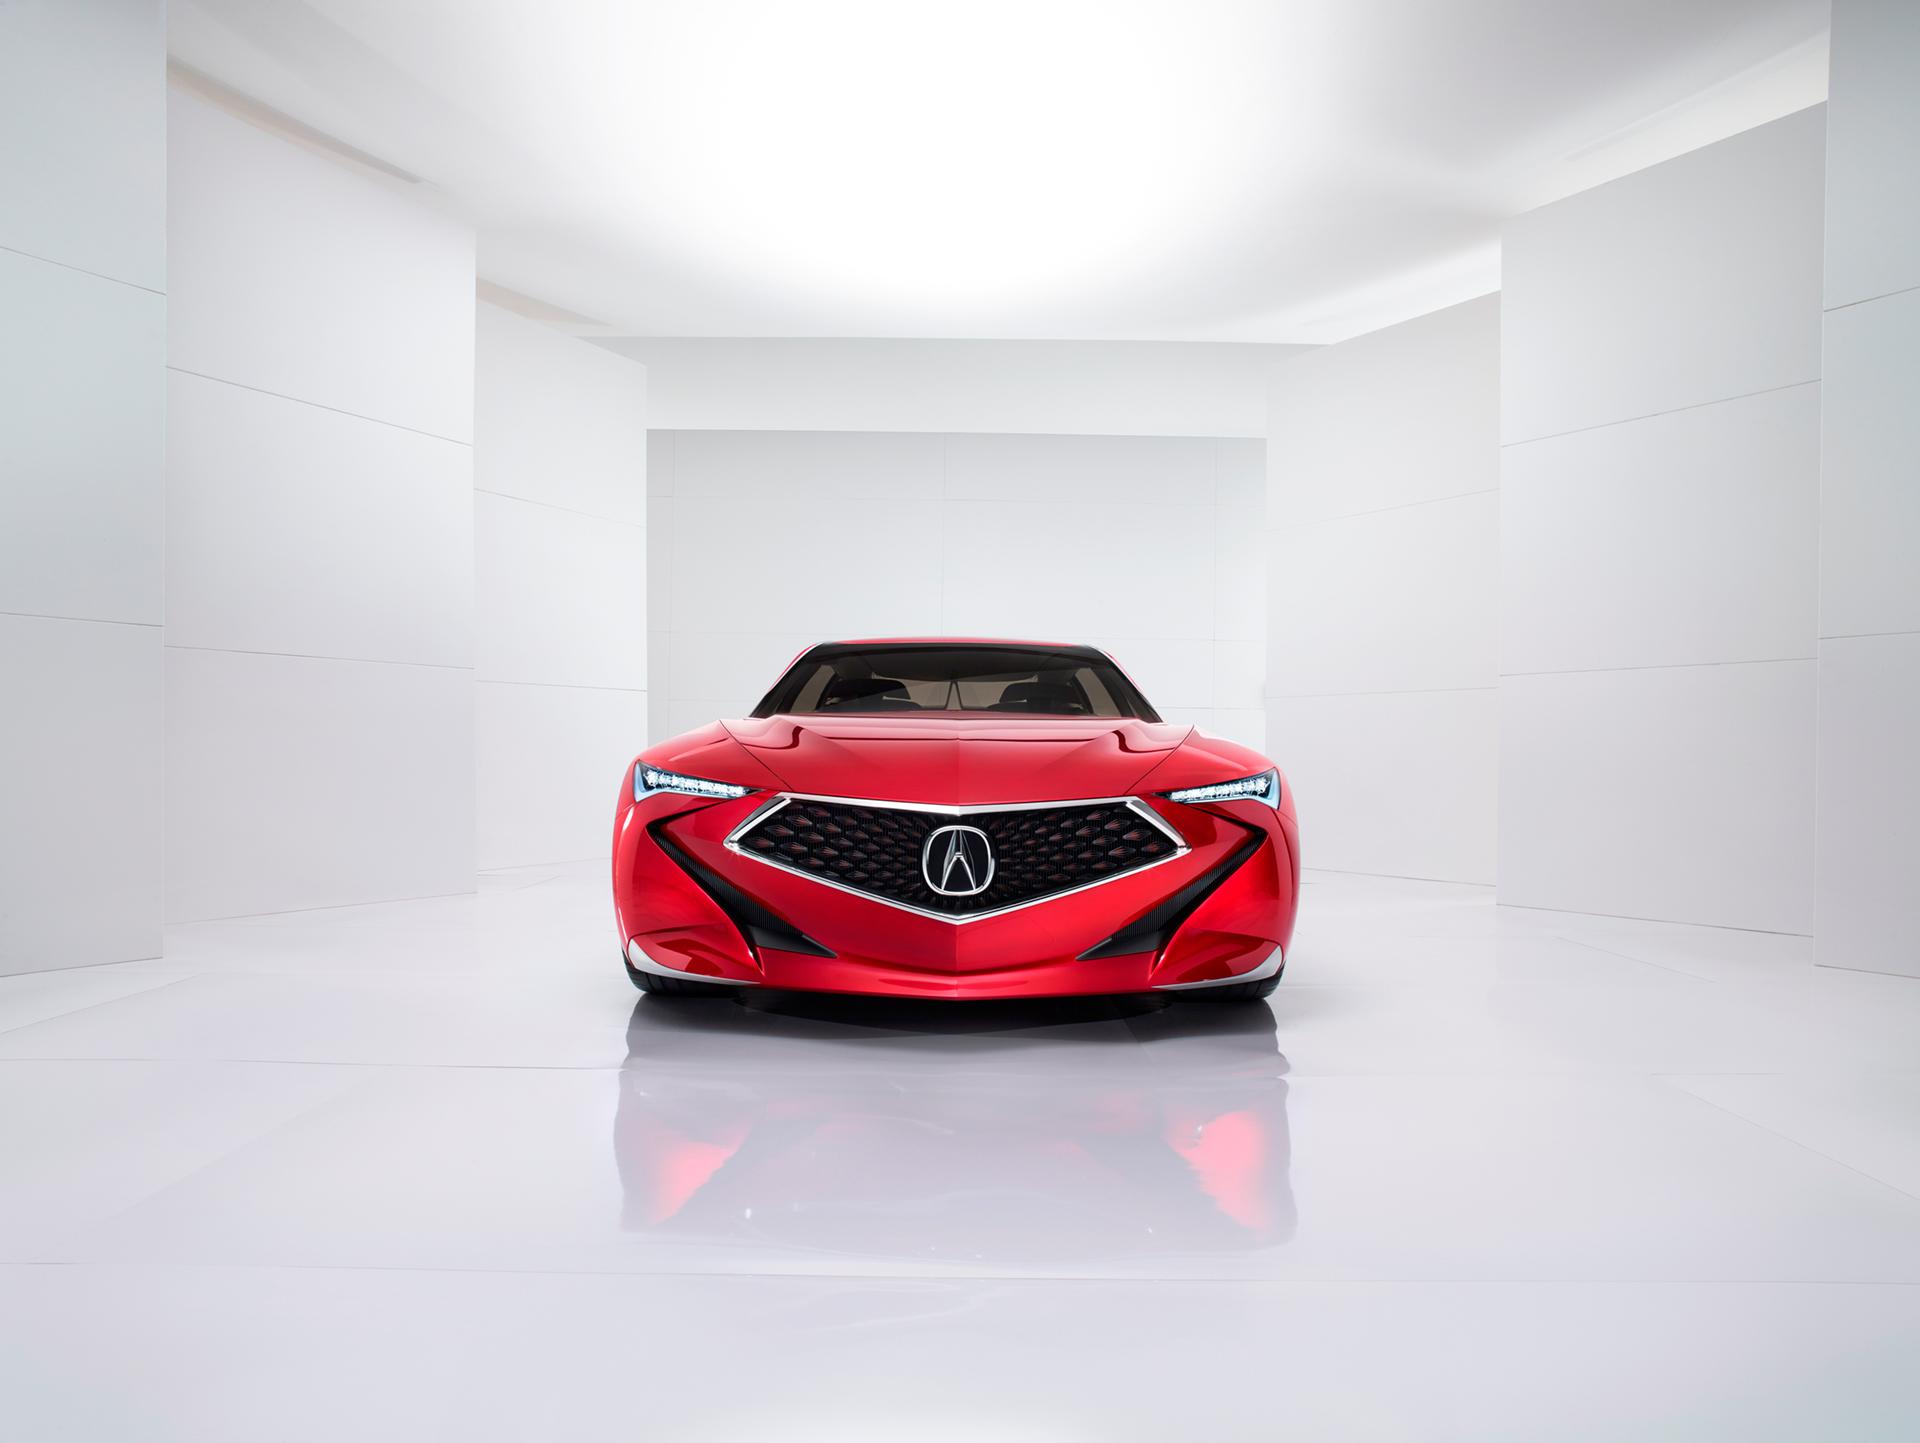 Acura Precison Concept - 2016 - front / avant